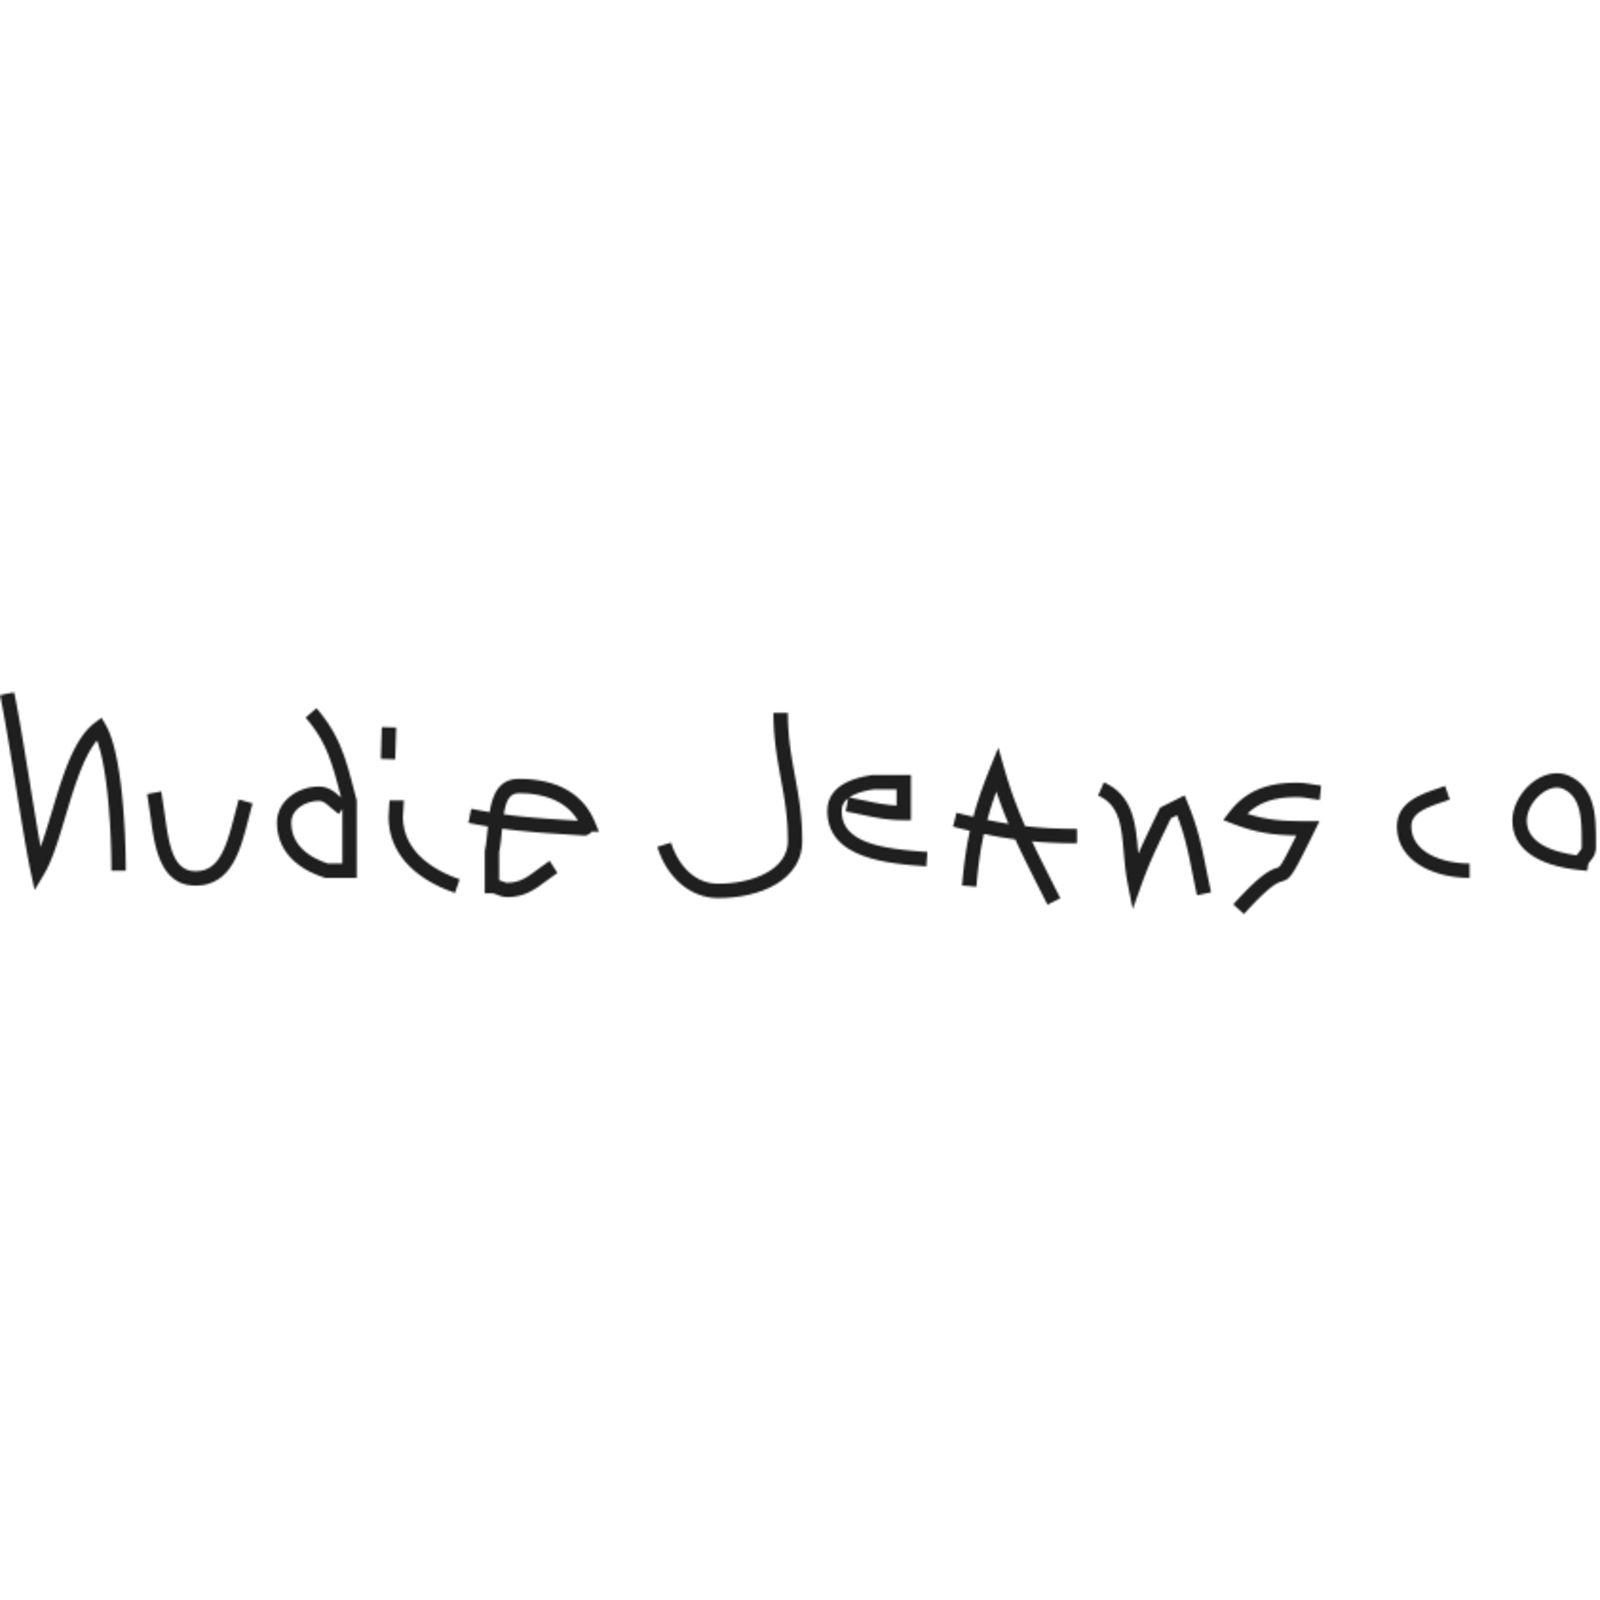 Nudie Jeans (Bild 1)